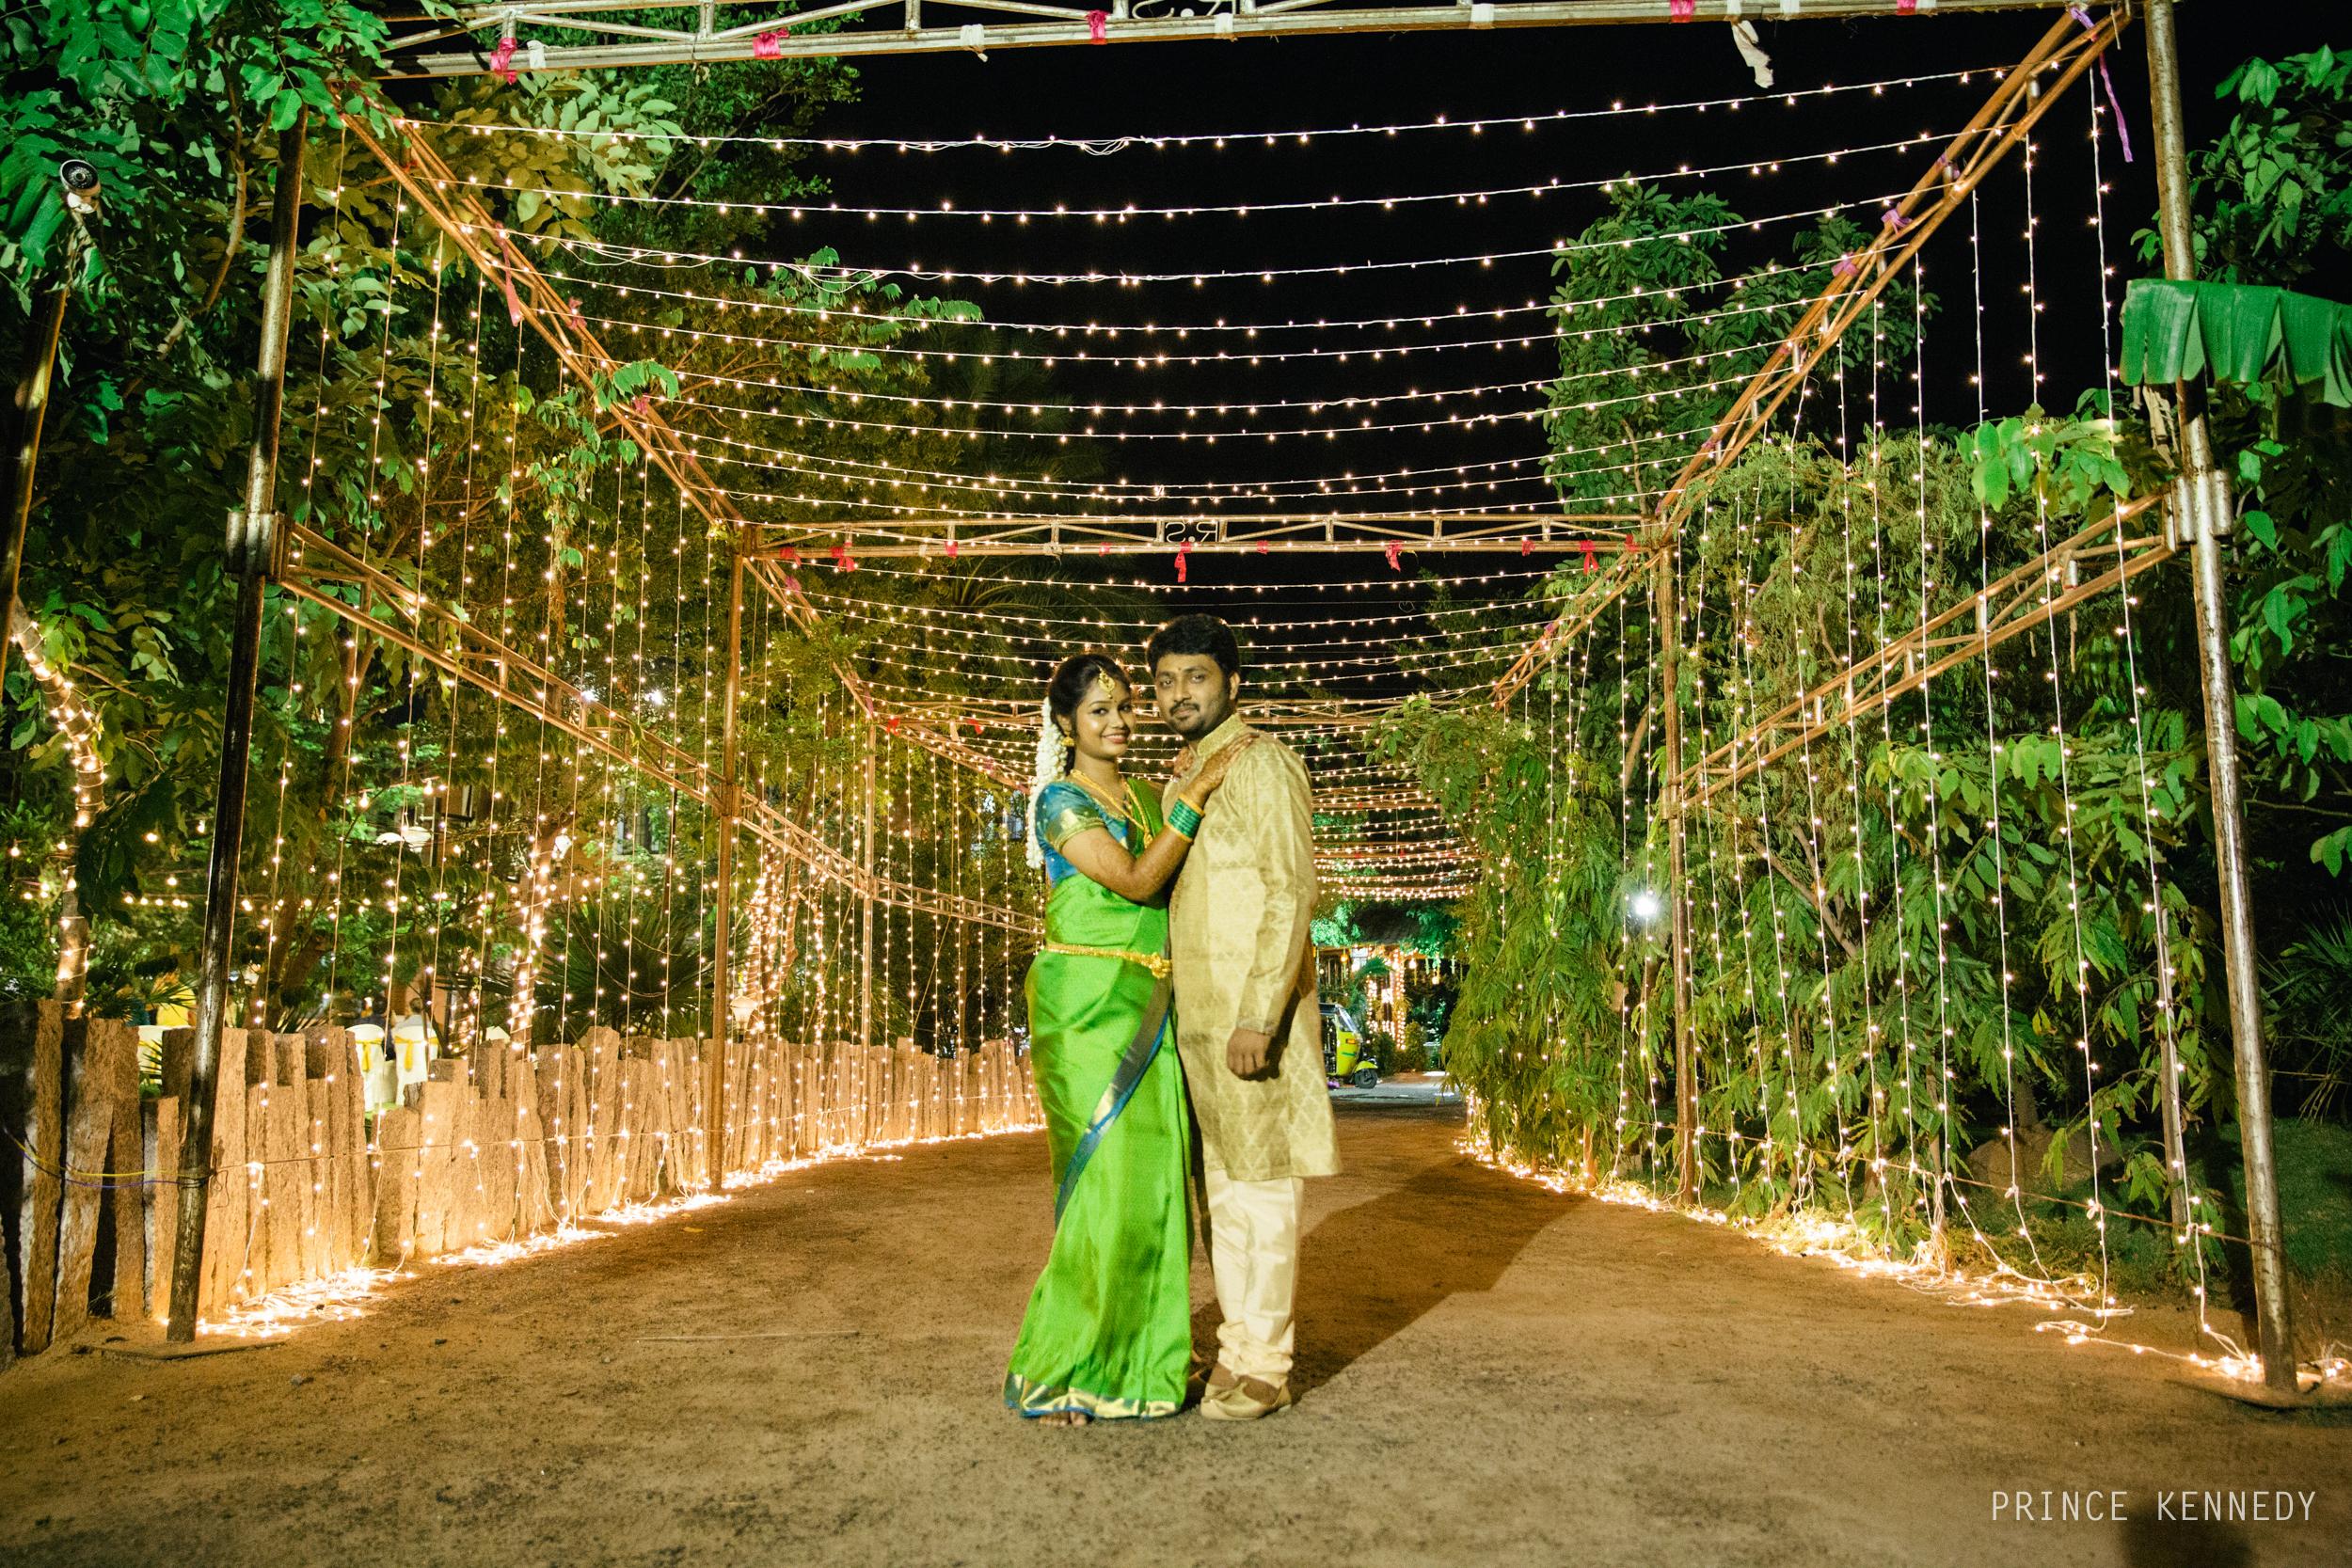 Engagement-Couple-Portrait-Portraiture-Wedding-Couple-Portrait-Chennai-Photographer-Candid-Photography-Destination-Best-Prince-Kennedy-Photography-299.jpg